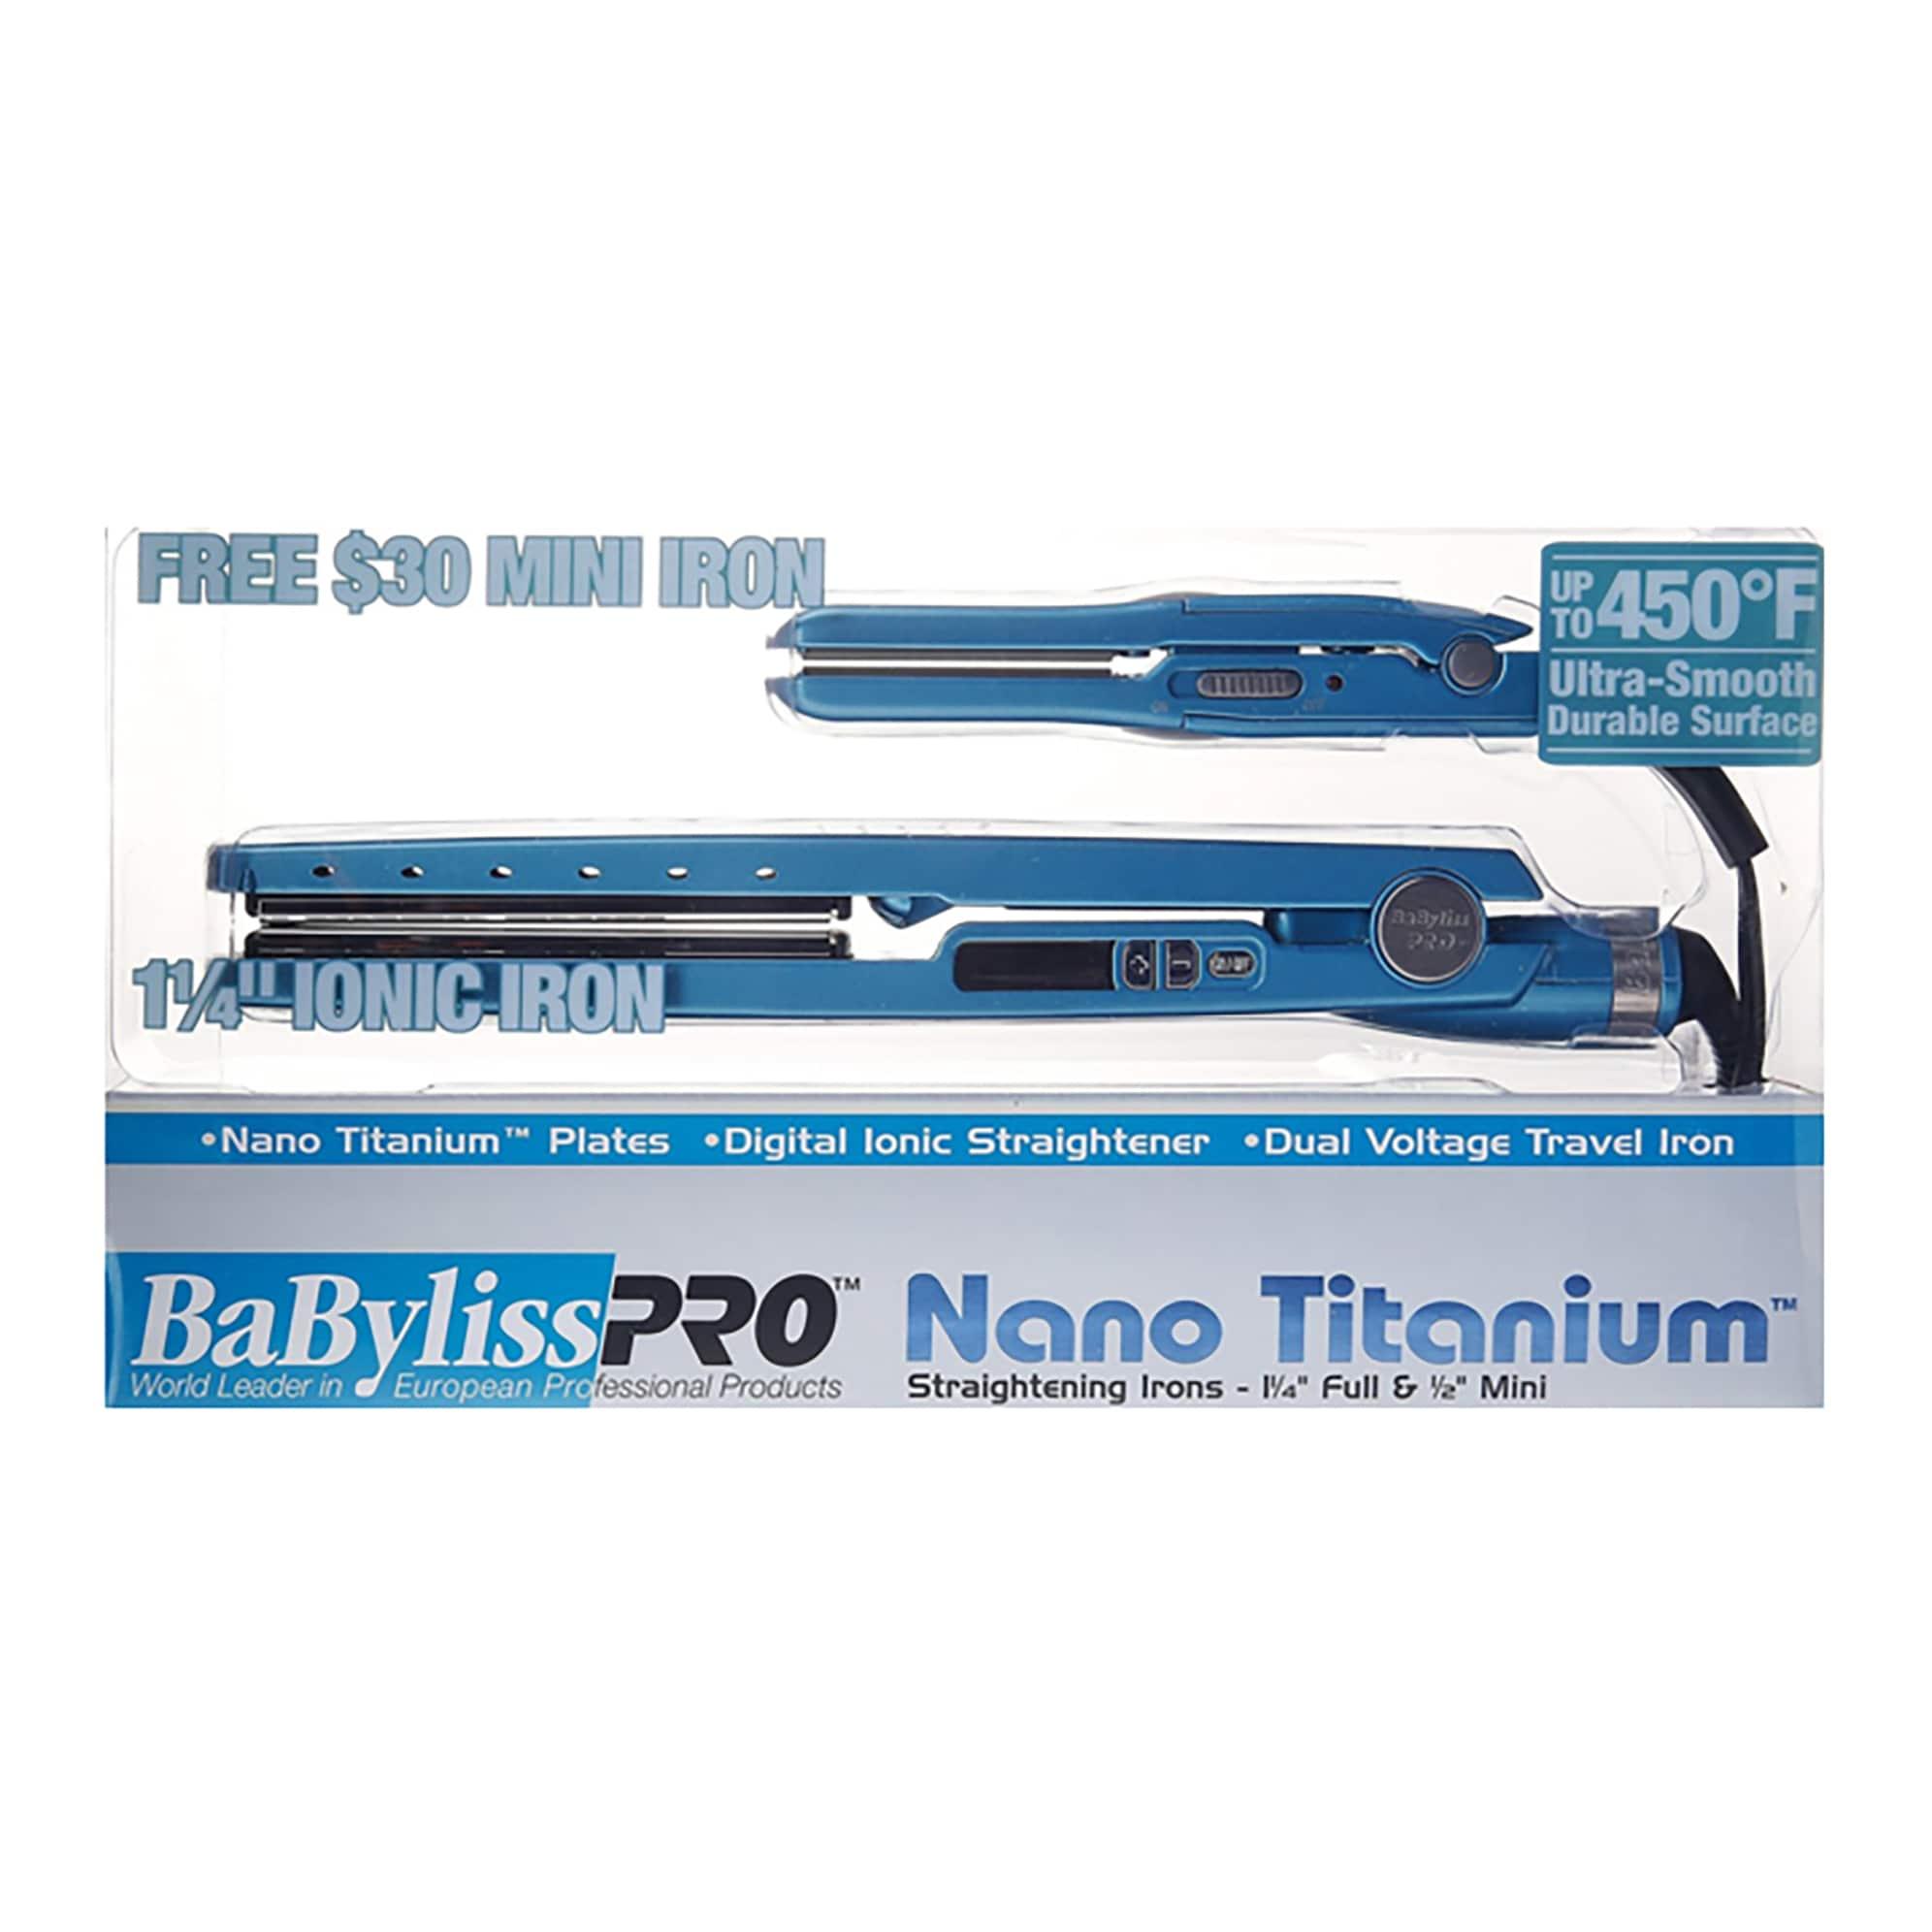 BaBylissPRO Nano Titanium Digital Ionic 1 25-inch Flat Iron + Free Travel  Flat Iron